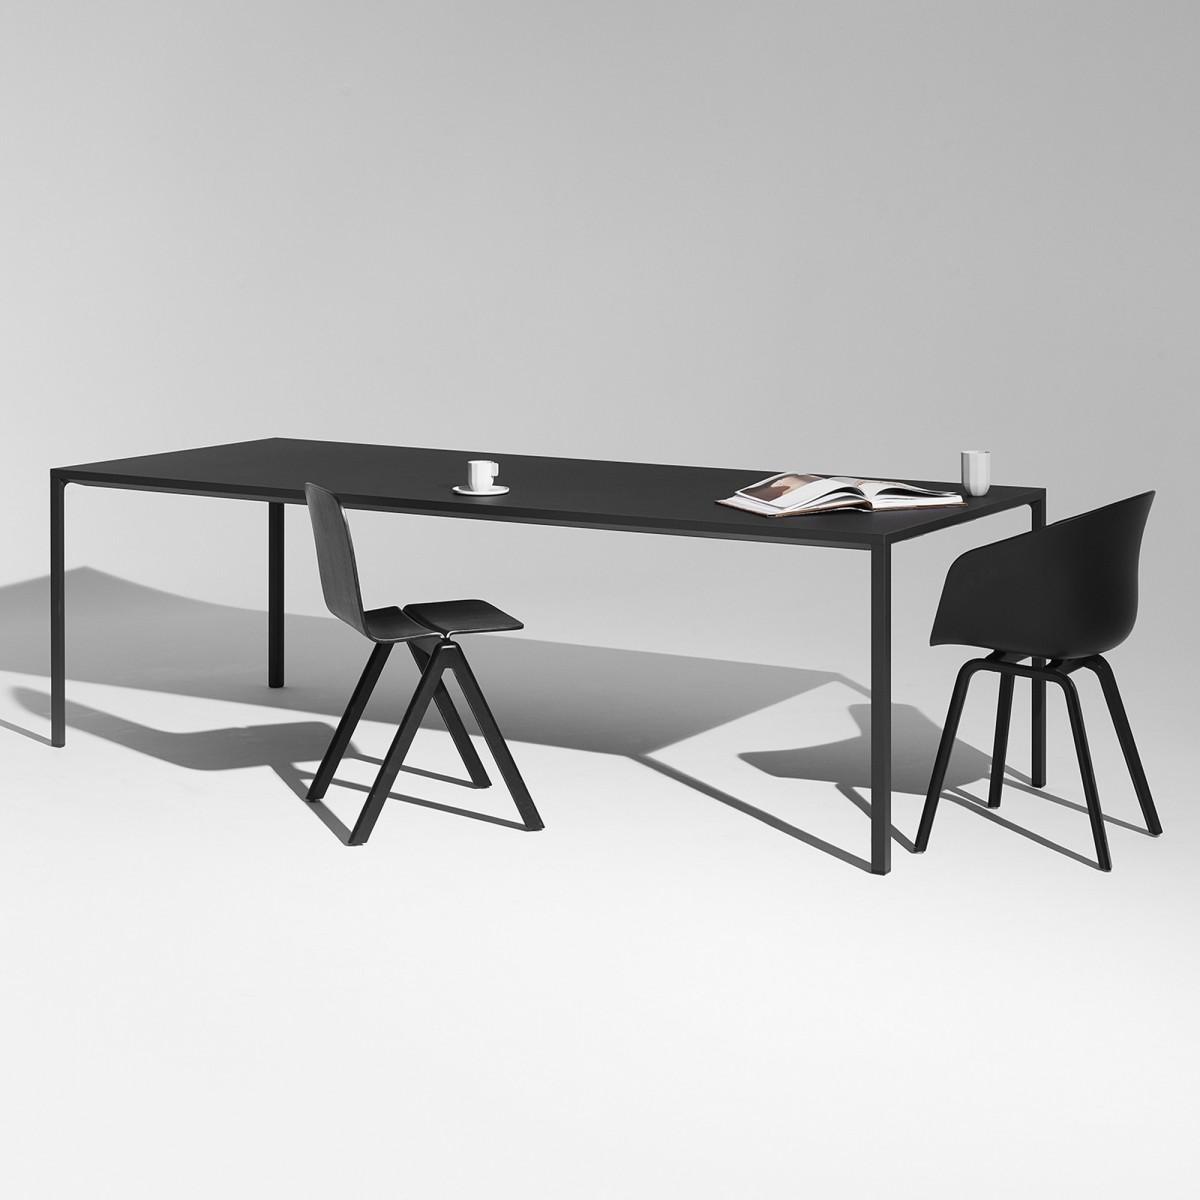 Table NEW ORDER pour 8 personnes. Design : STEFAN DIEZ Matériaux ...